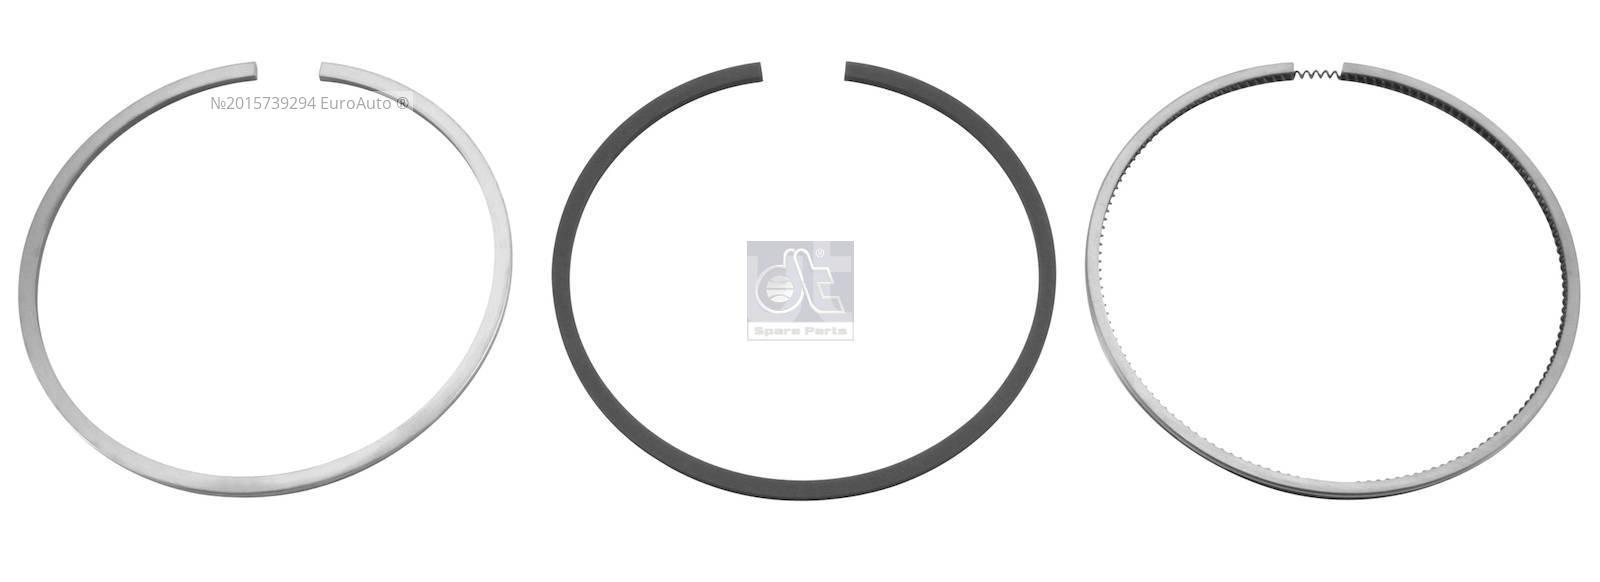 Купить Кольца поршневые к-кт на 1 цилиндр Volvo TRUCK FL10 1985-1998; (2.90083)